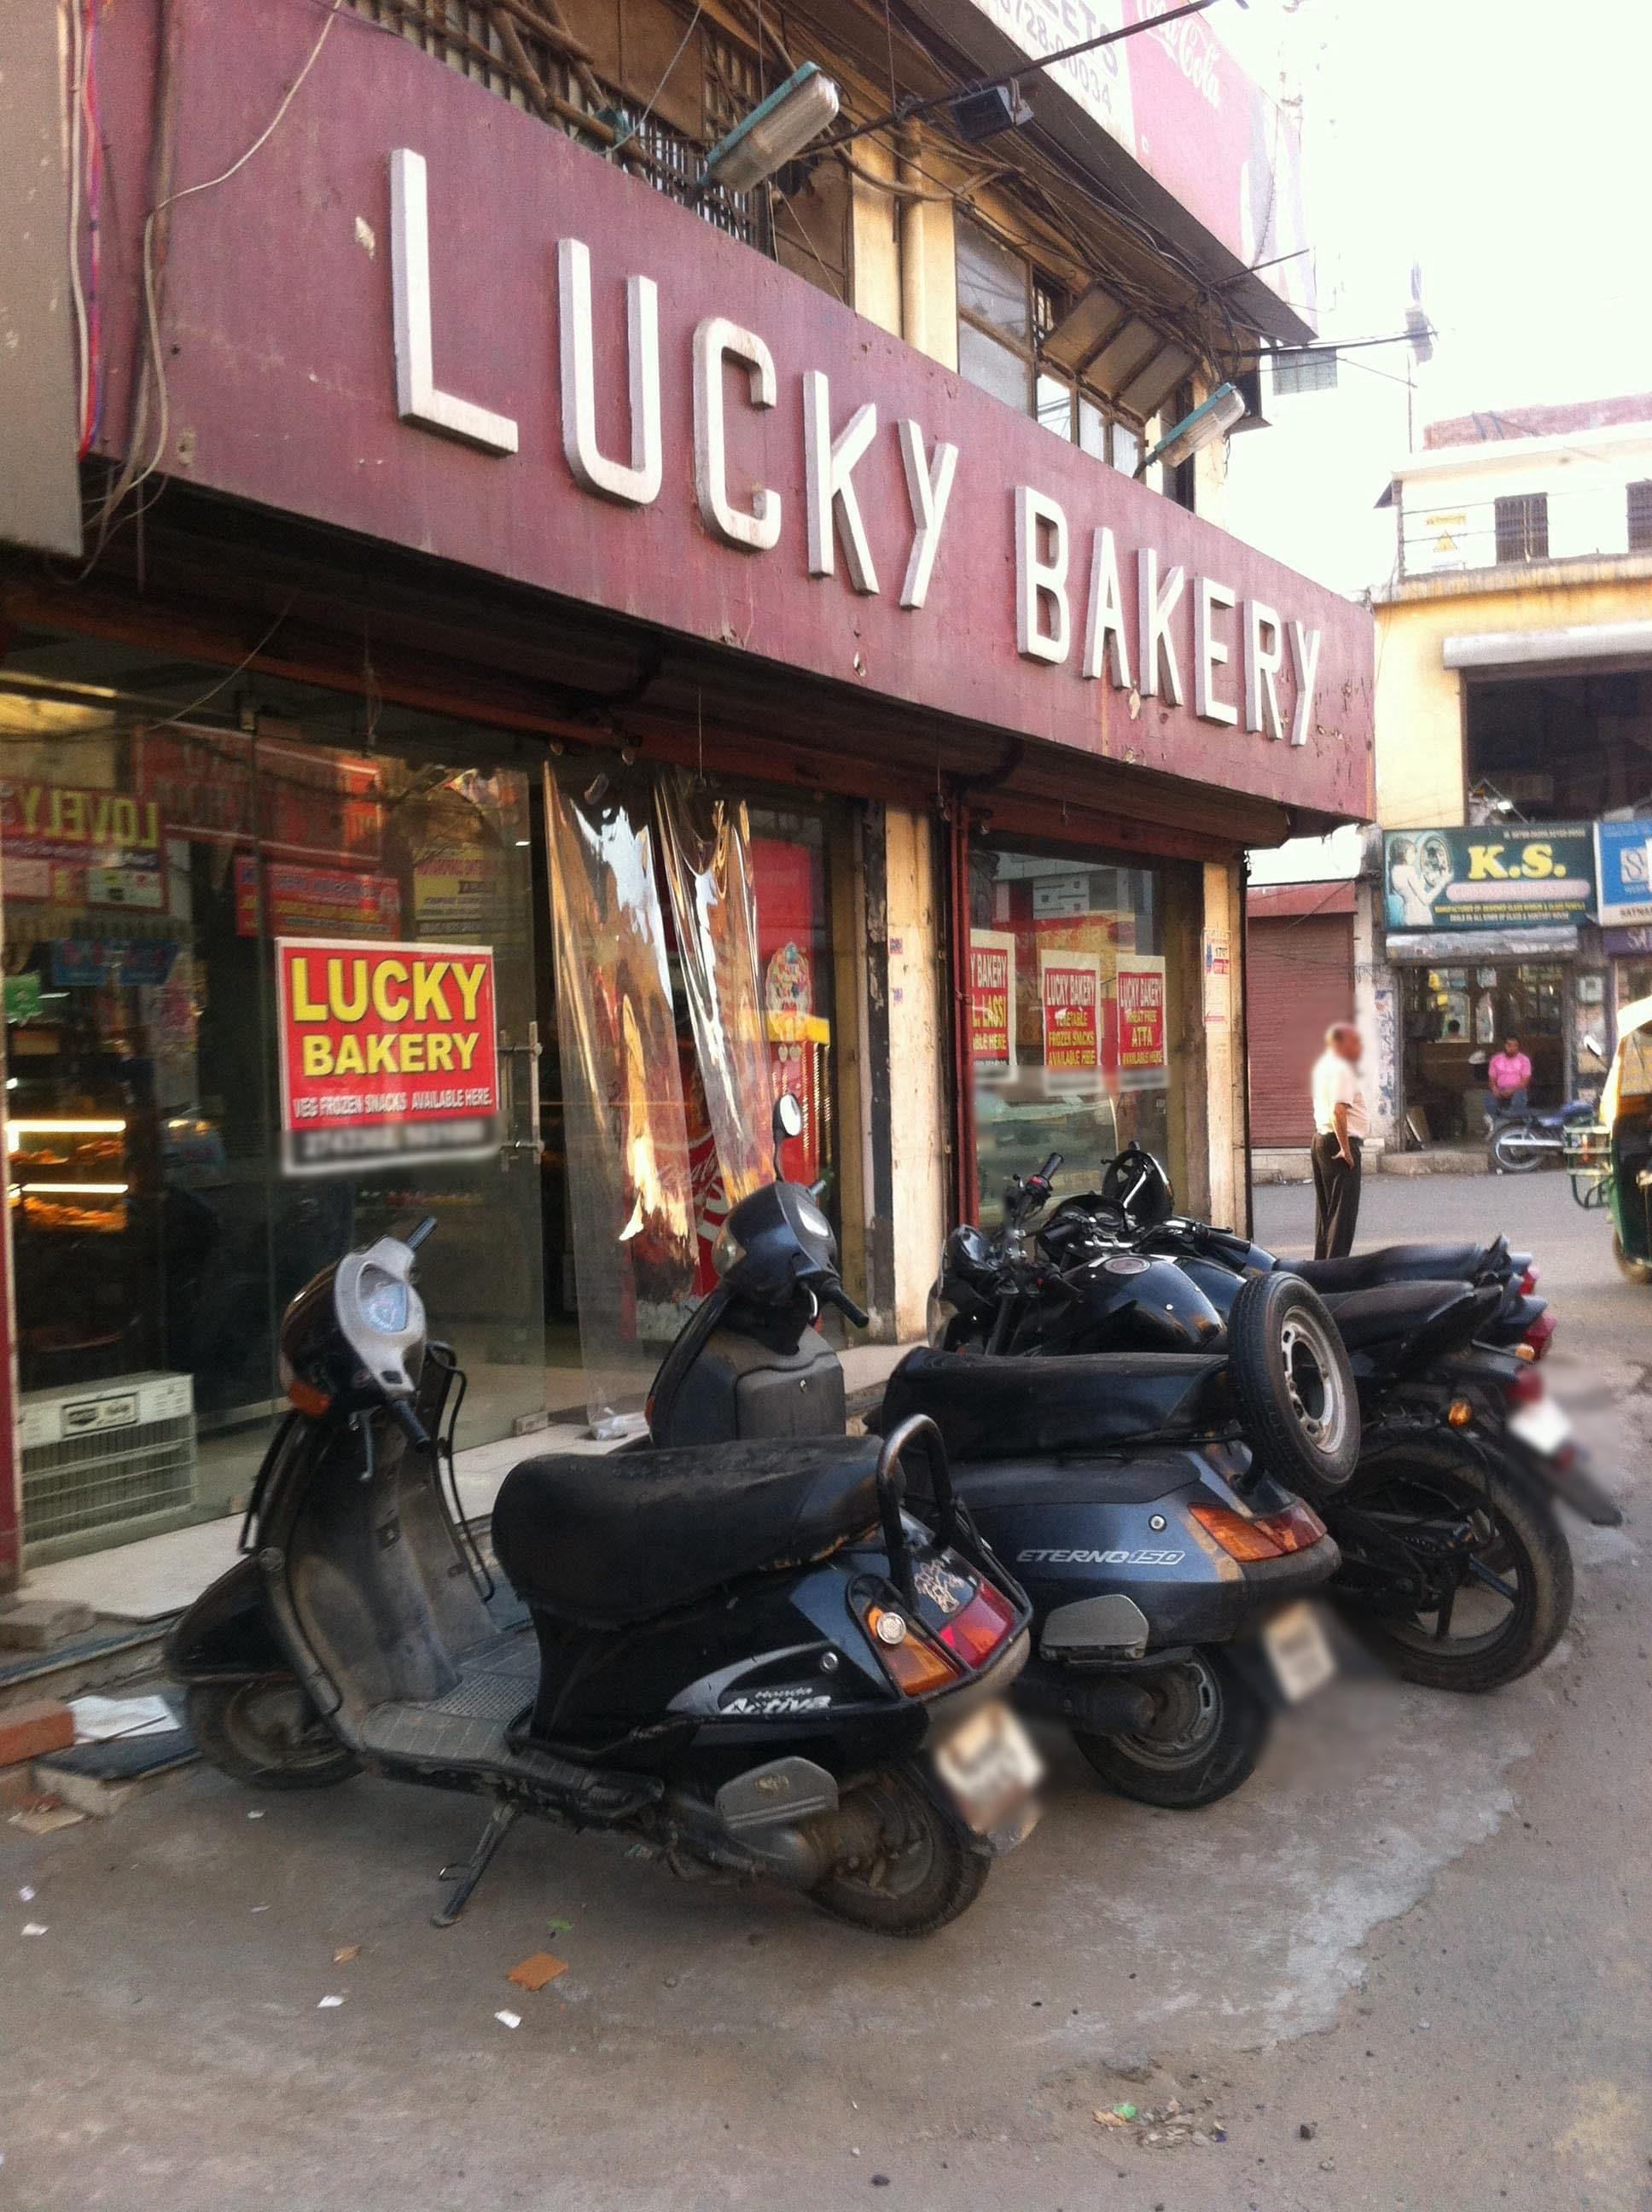 Lucky Bakery - ludhiana Junction - Ludhiana Image